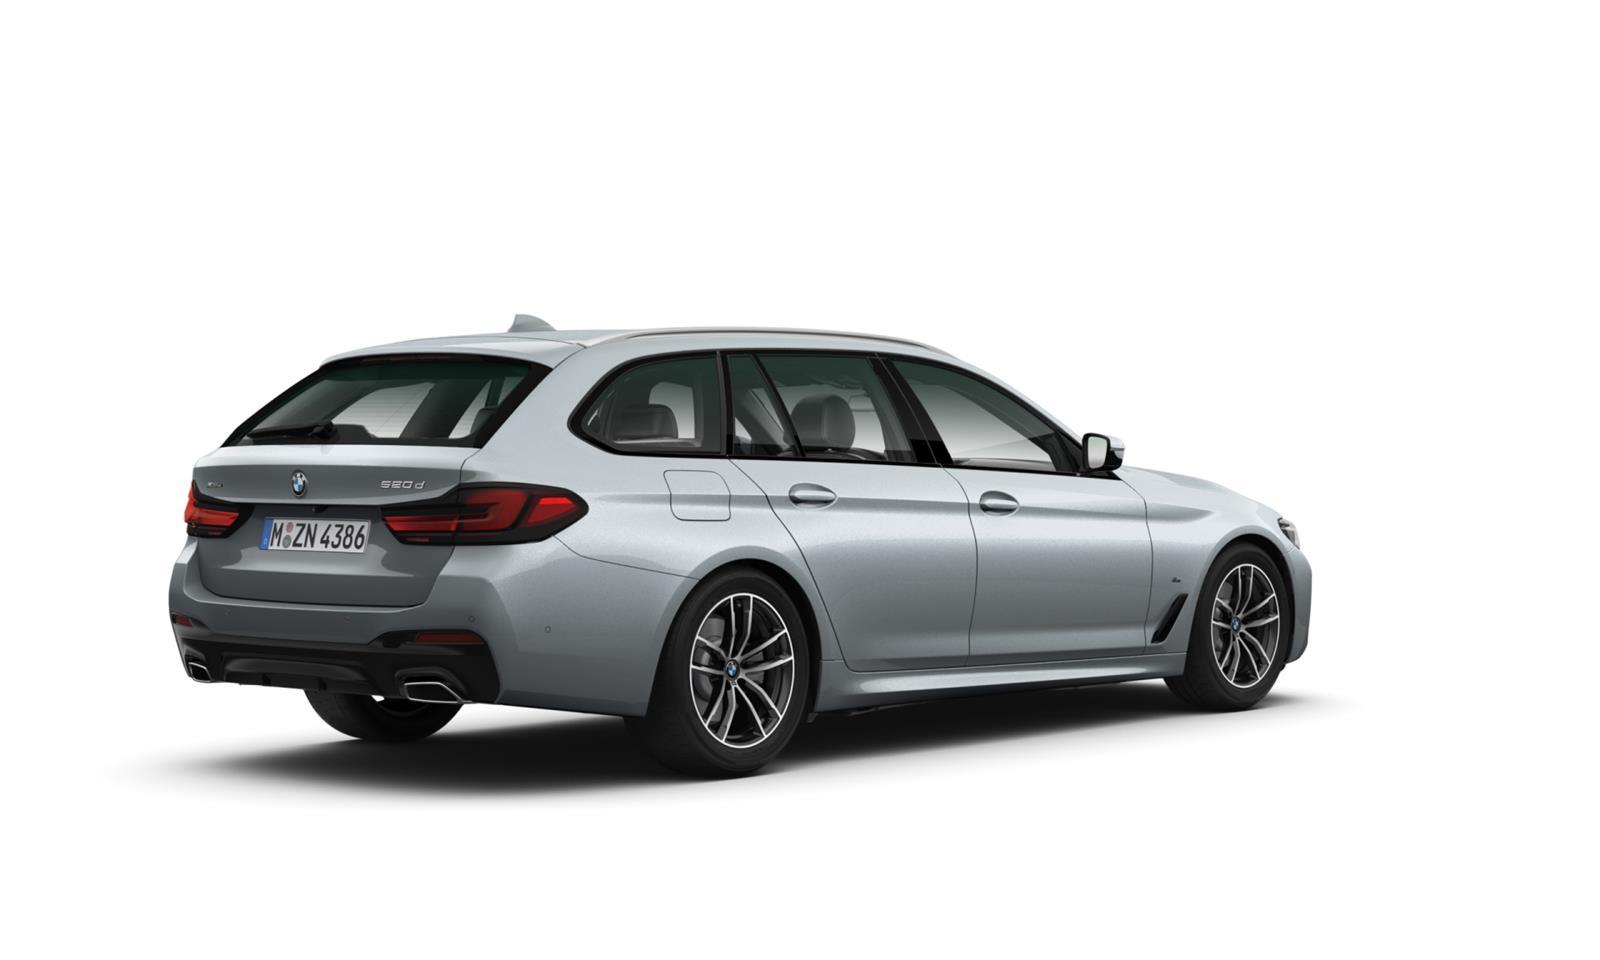 BMW 520 G31 Touring 520d A xDrive M Sport MHEV *** Tähän autoon korko 0,9%+ kulut ja muut Oktoberfest edut!